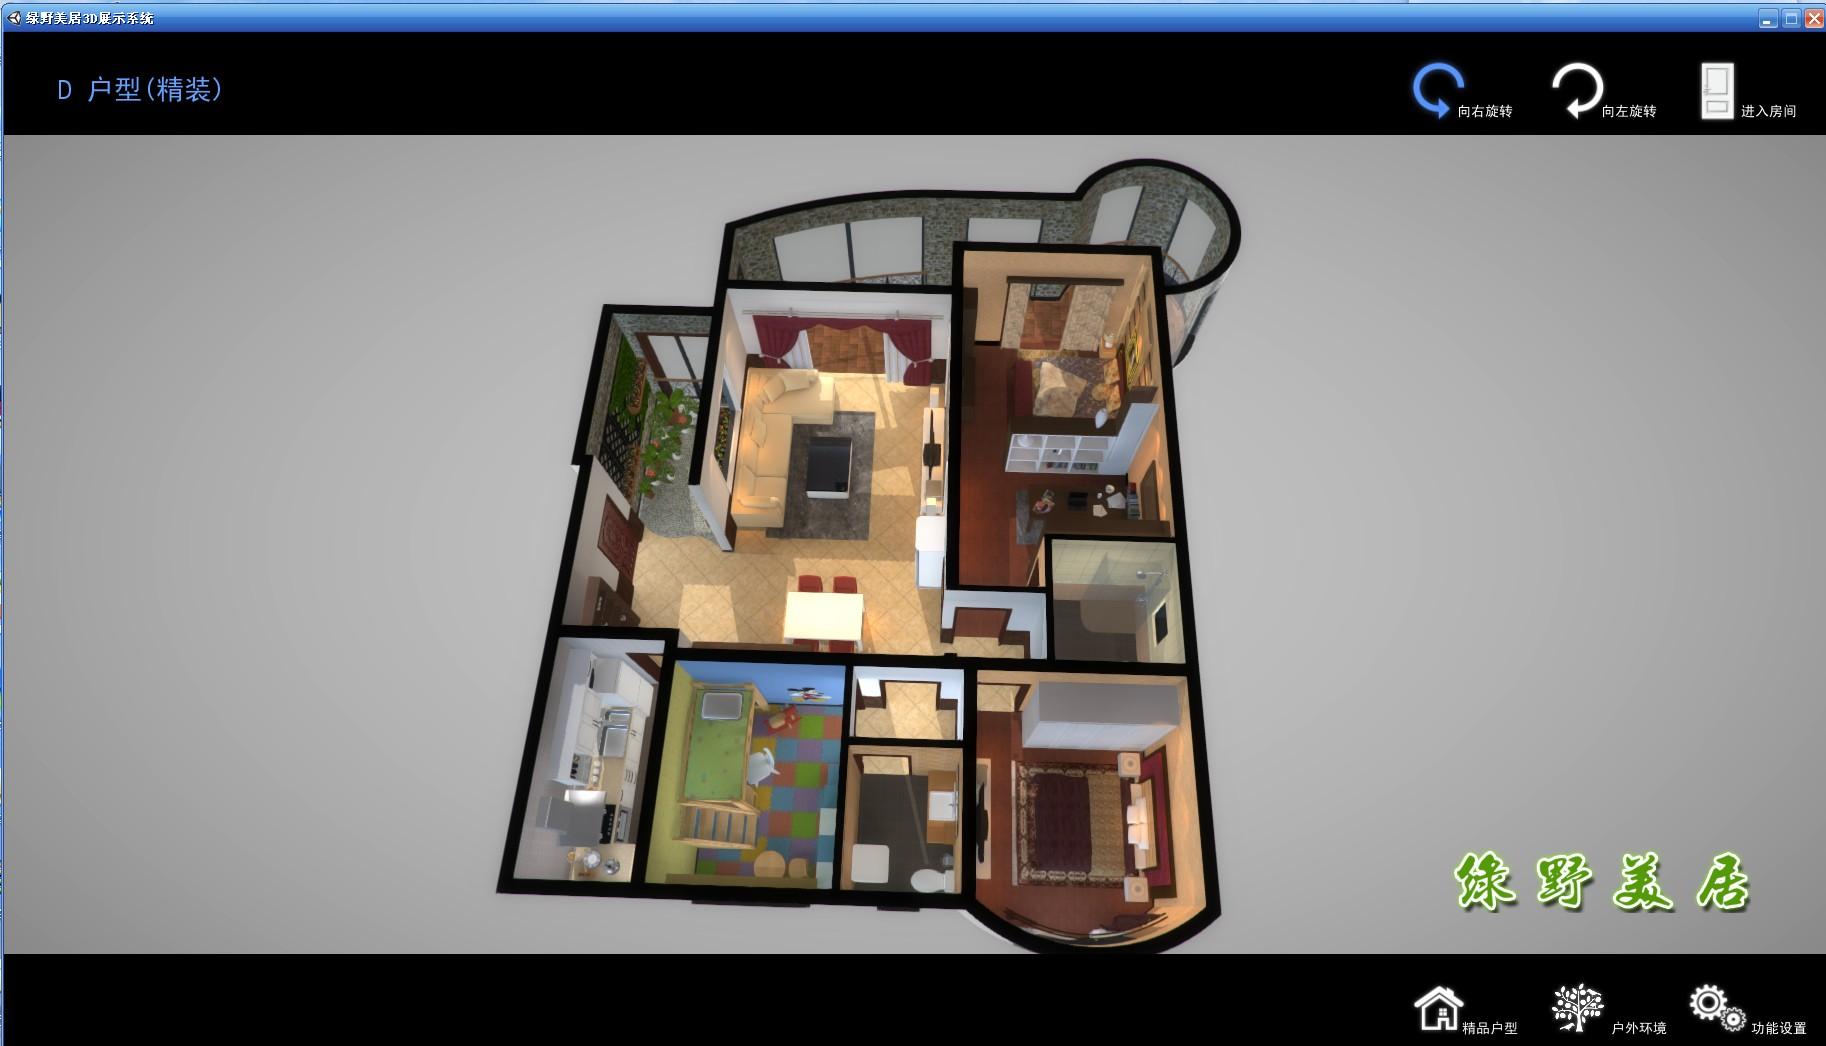 这是用unity 3d引擎制作的一个展示小区布局的桌面应用系统